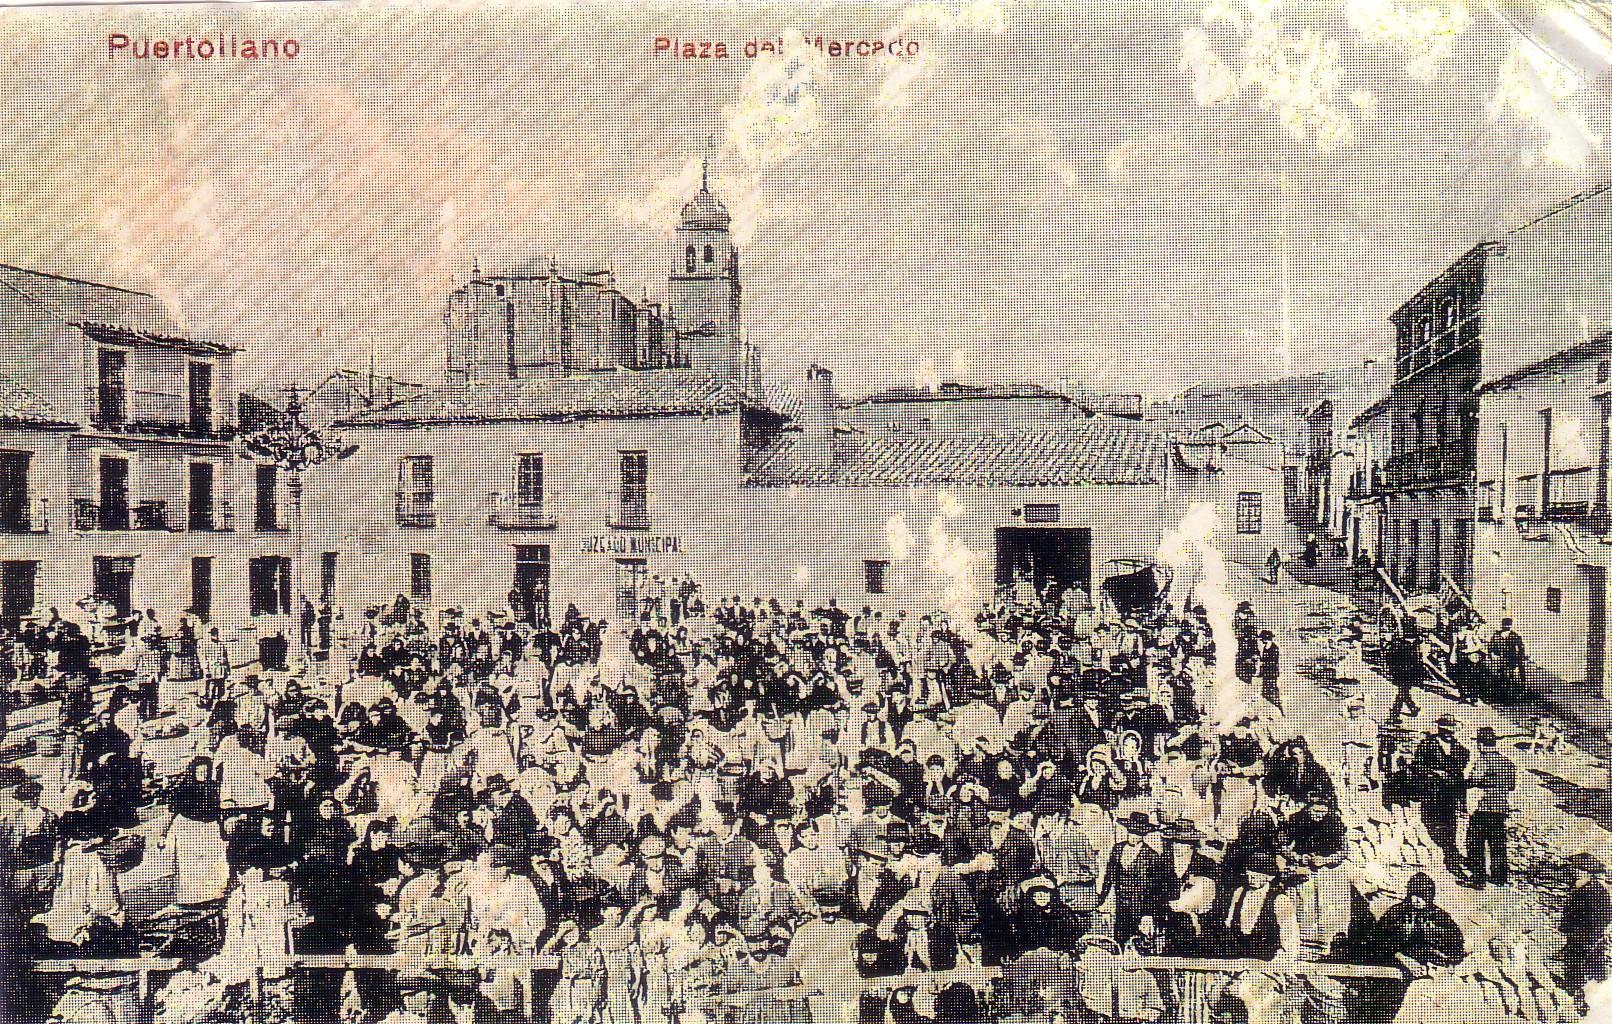 El mercado en la plaza del Ayuntamiento. Año 1906